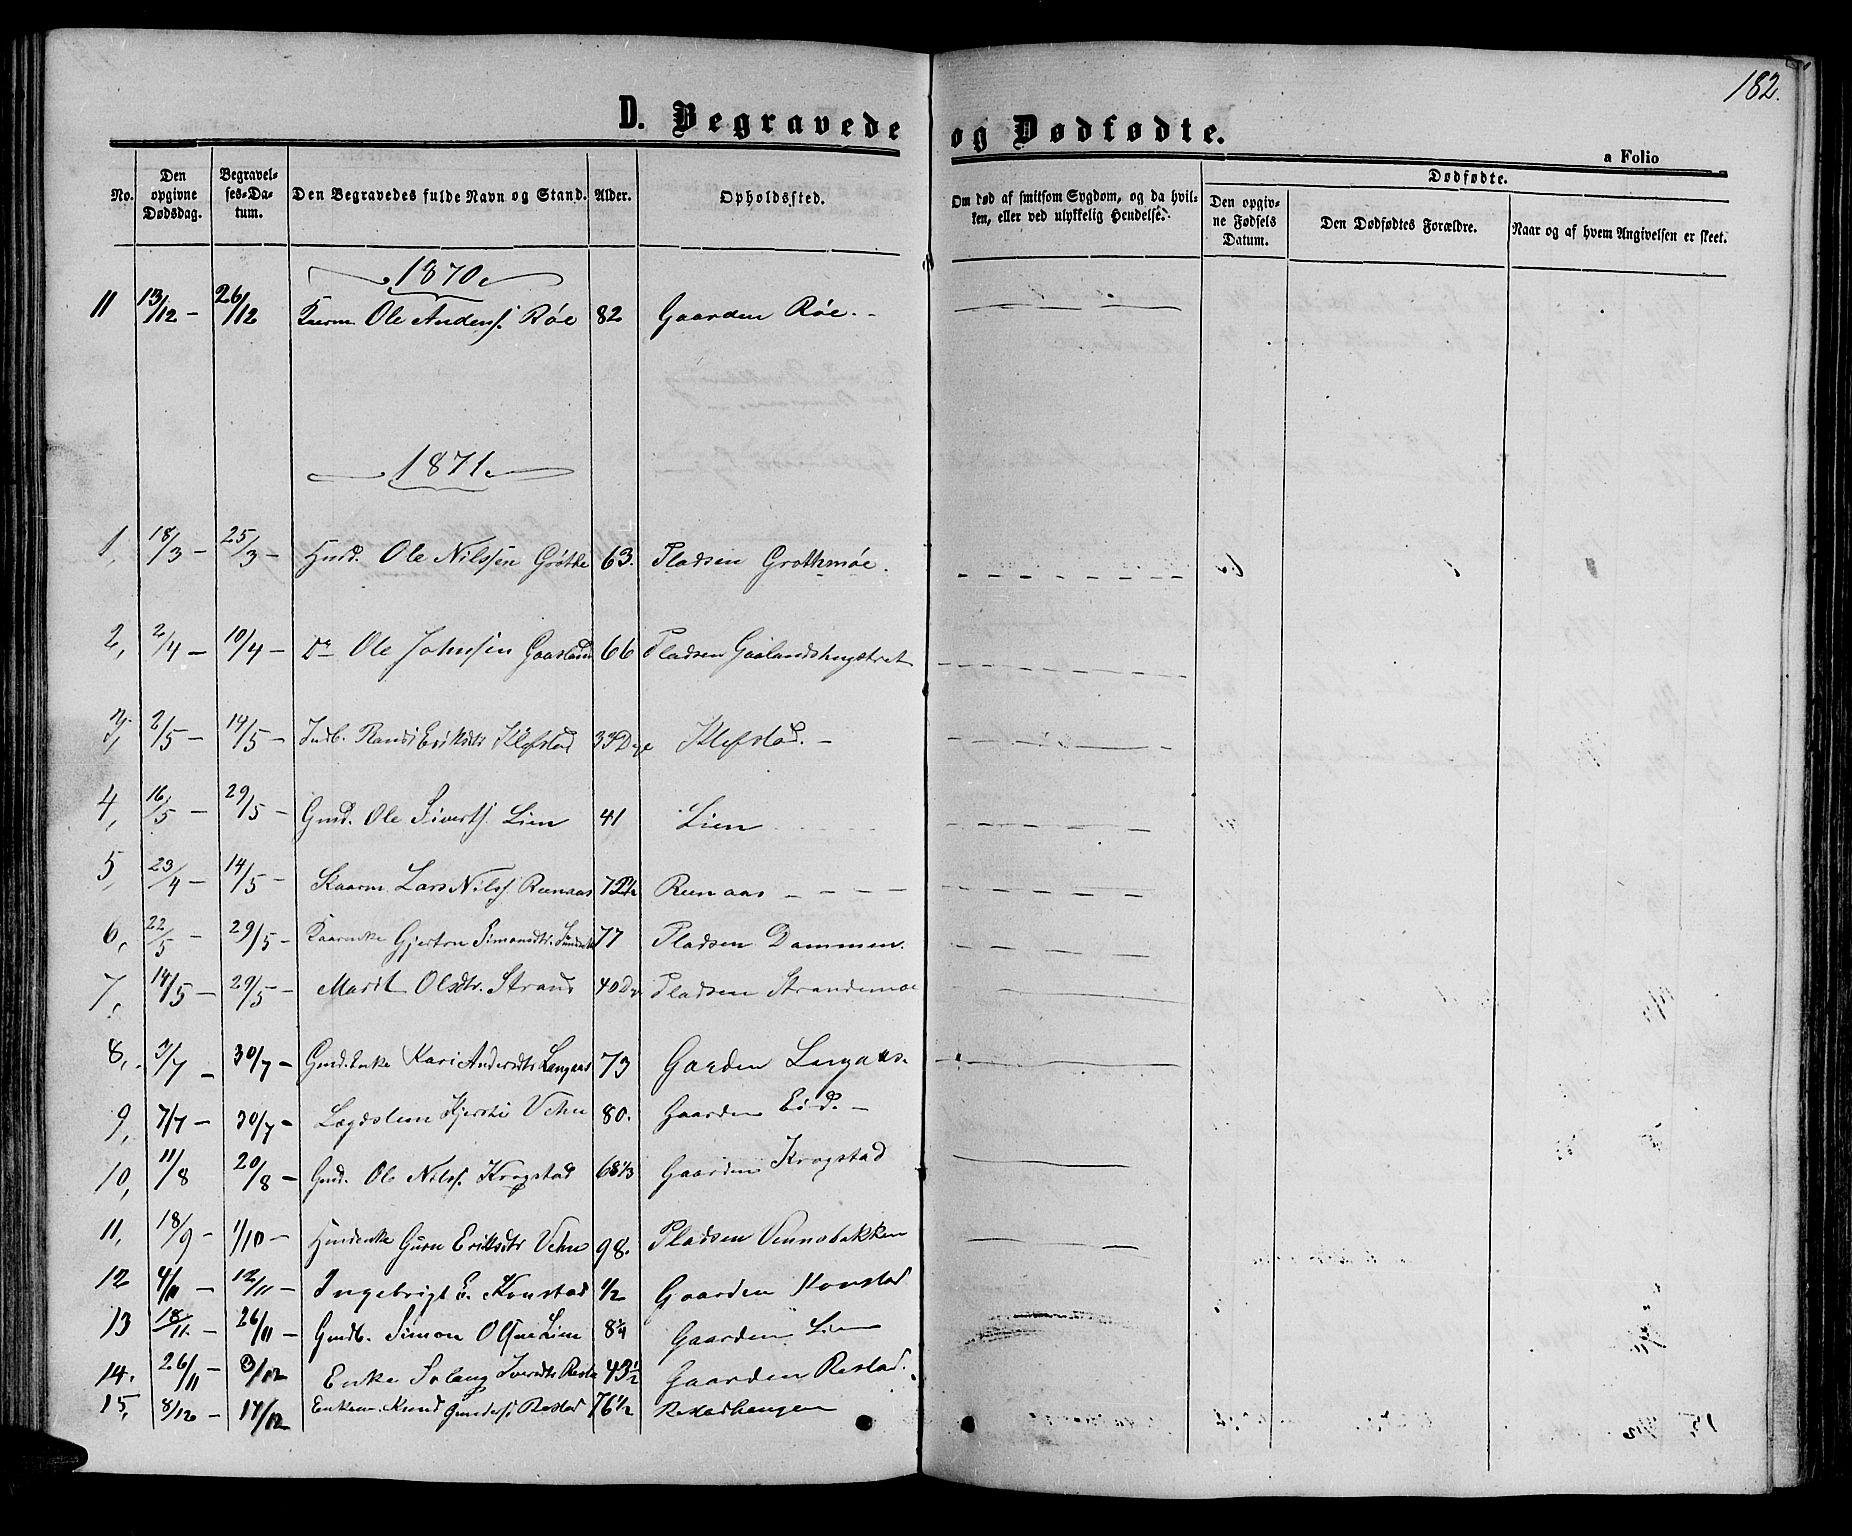 SAT, Ministerialprotokoller, klokkerbøker og fødselsregistre - Sør-Trøndelag, 694/L1131: Klokkerbok nr. 694C03, 1858-1886, s. 182